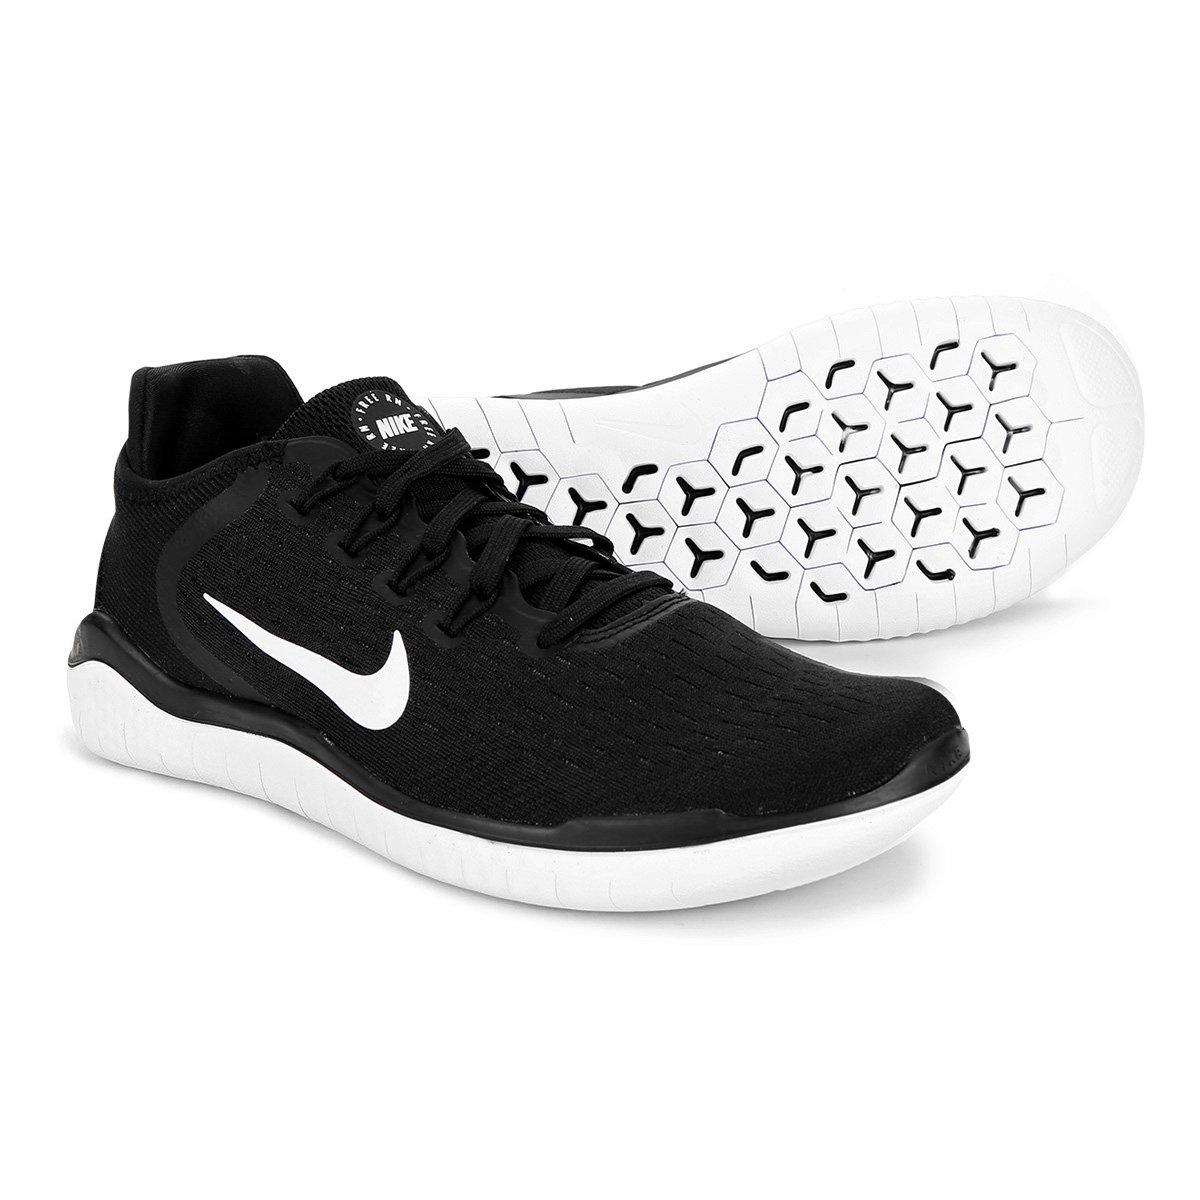 bde781bc026 Tênis Nike Free Rn 2018 Masculino - Preto e Branco - Compre Agora ...